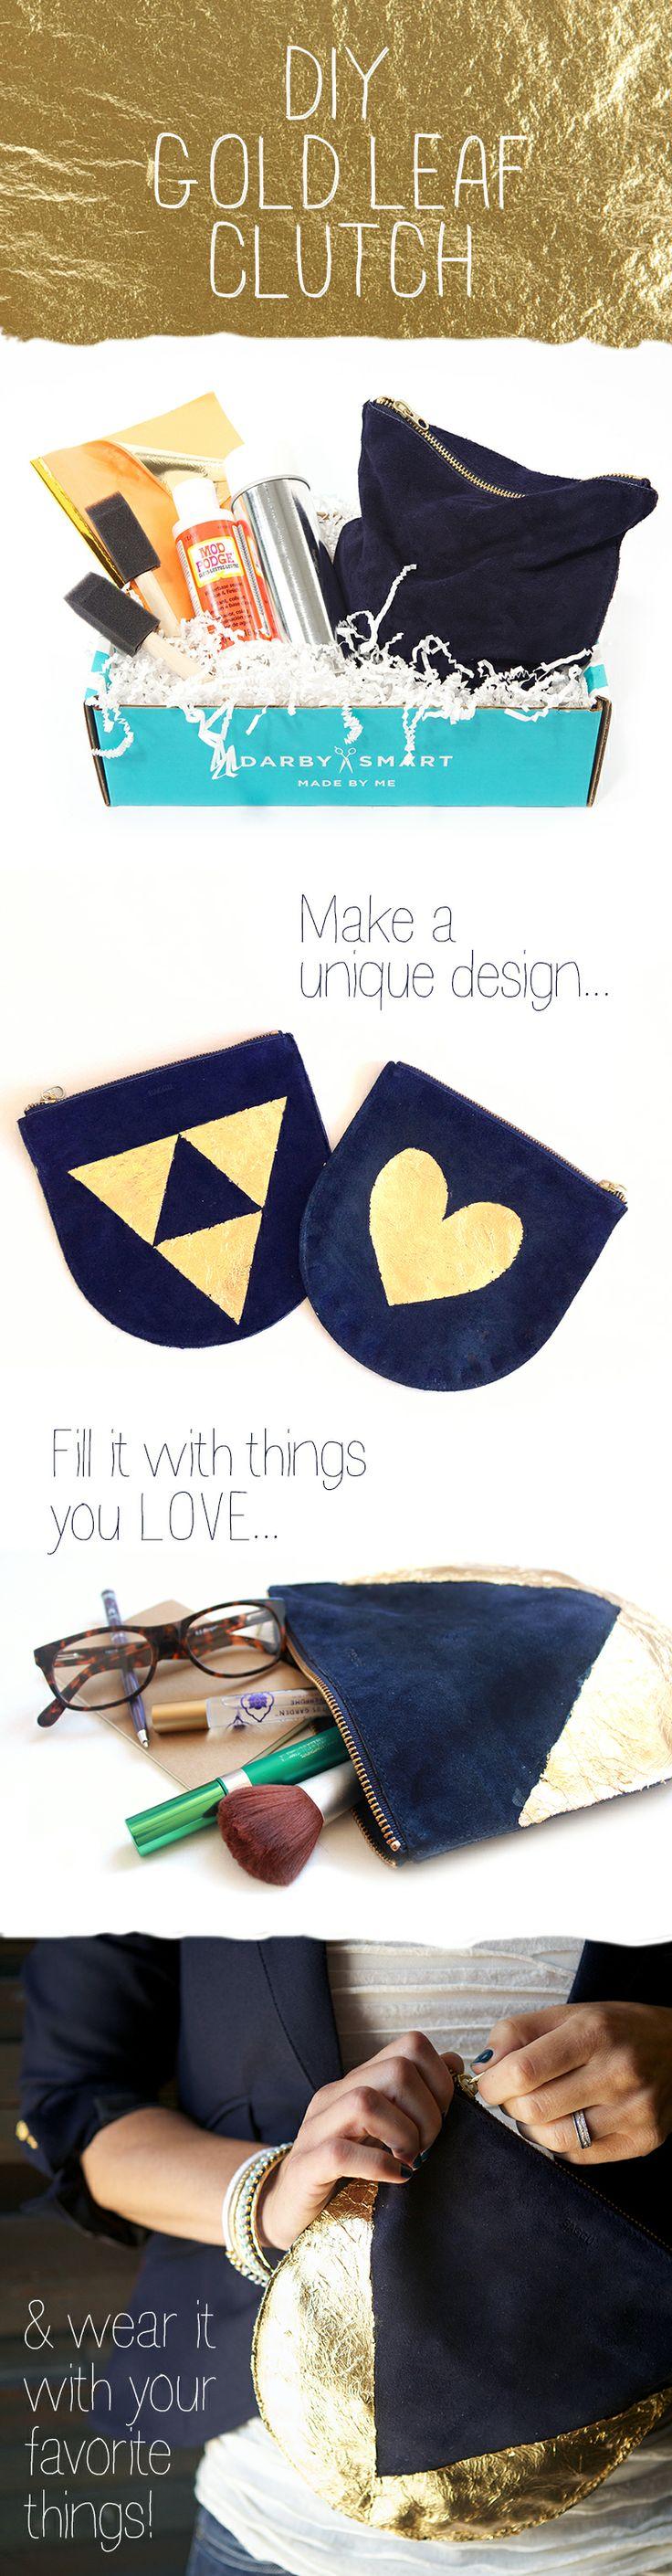 Gold Leaf Clutch | #DarbySmart | a #DIY designed by @Casey Dalene Dalene Dalene Dalene Starks